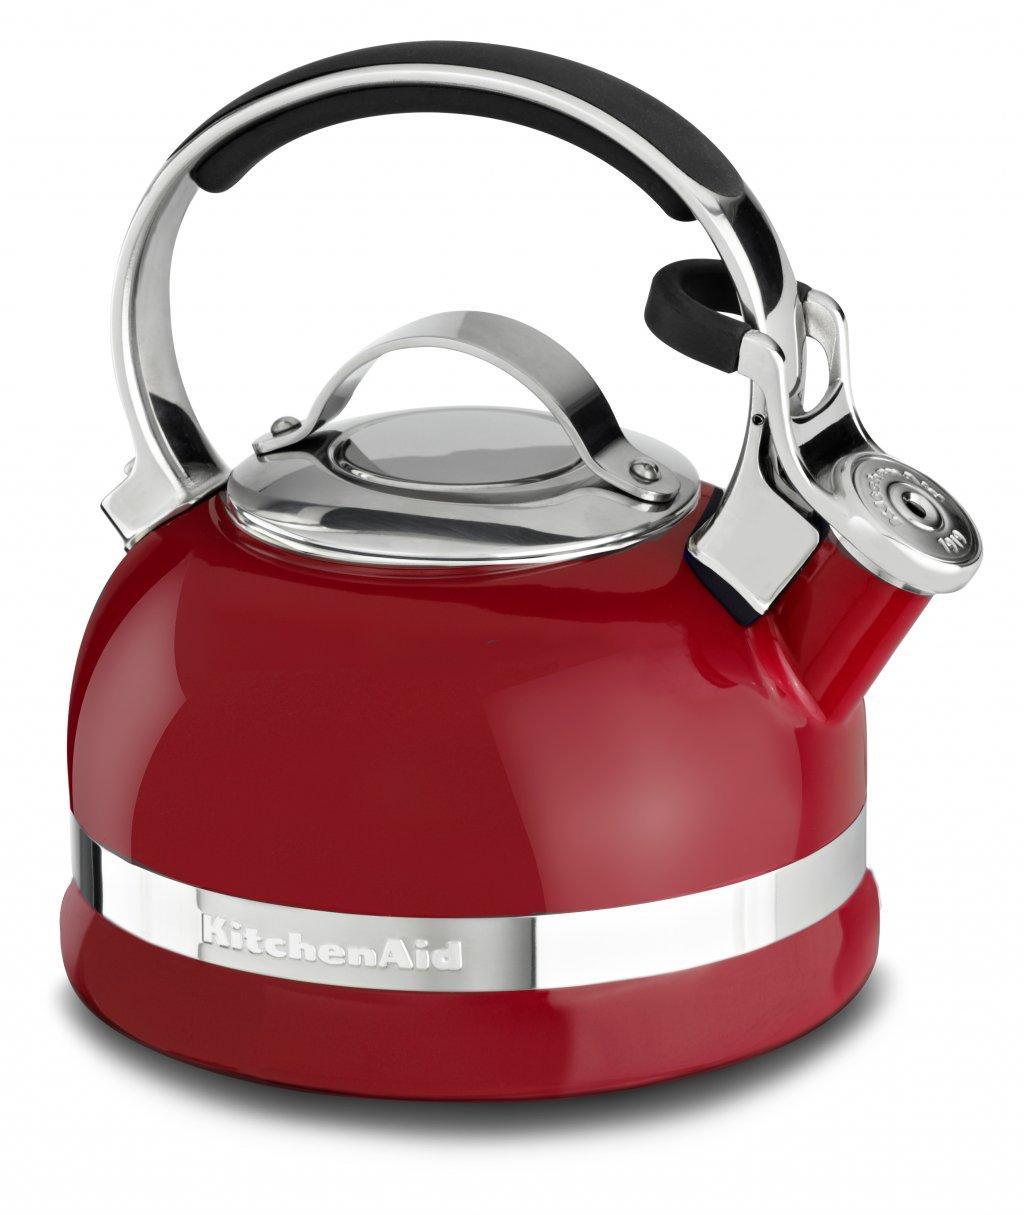 Чайник KitchenAid 1.89 л червоний KTEN20SBER